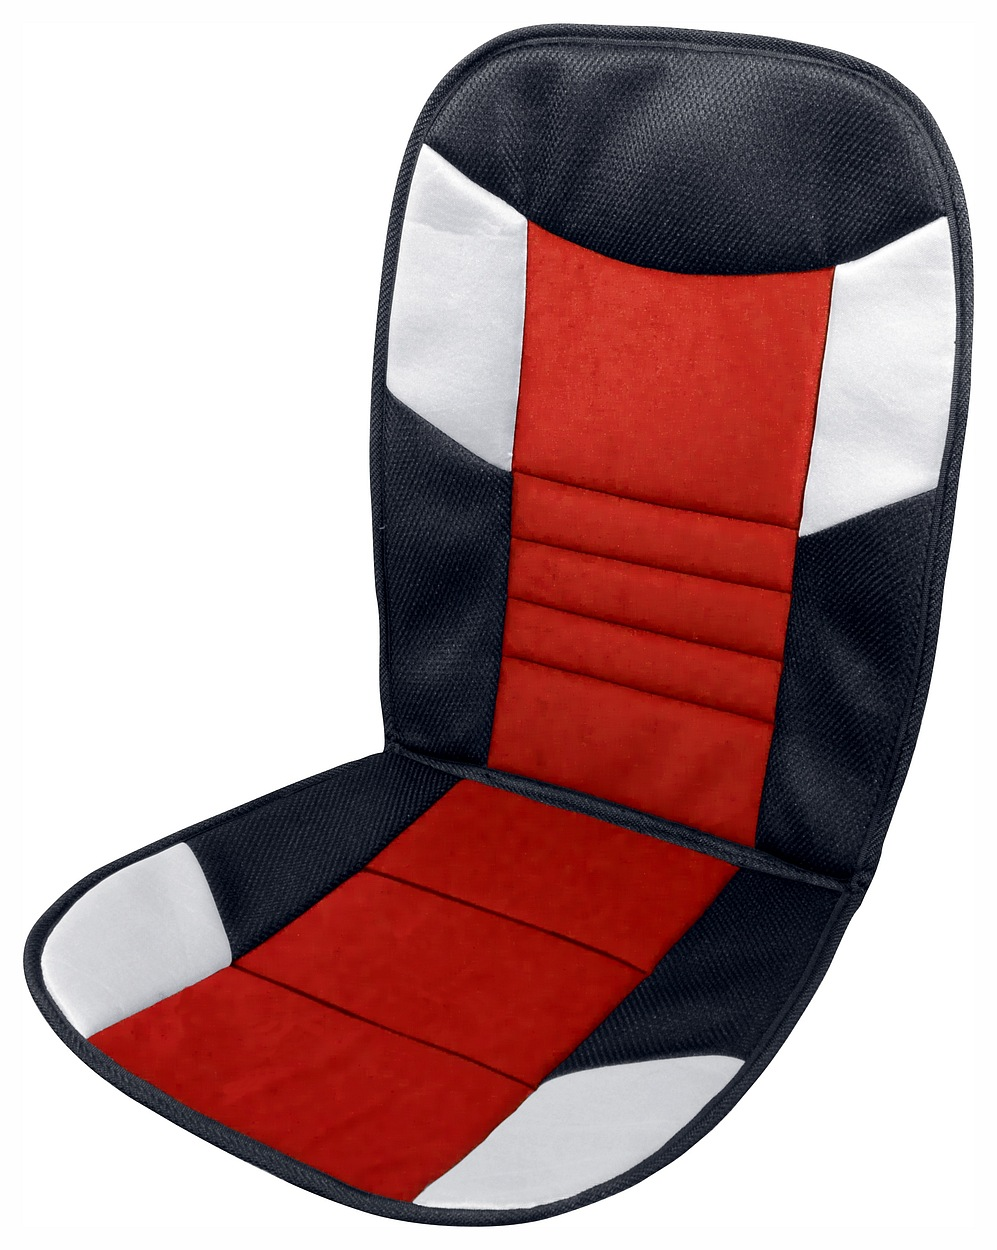 Potah sedadla TETRIS černo-červený